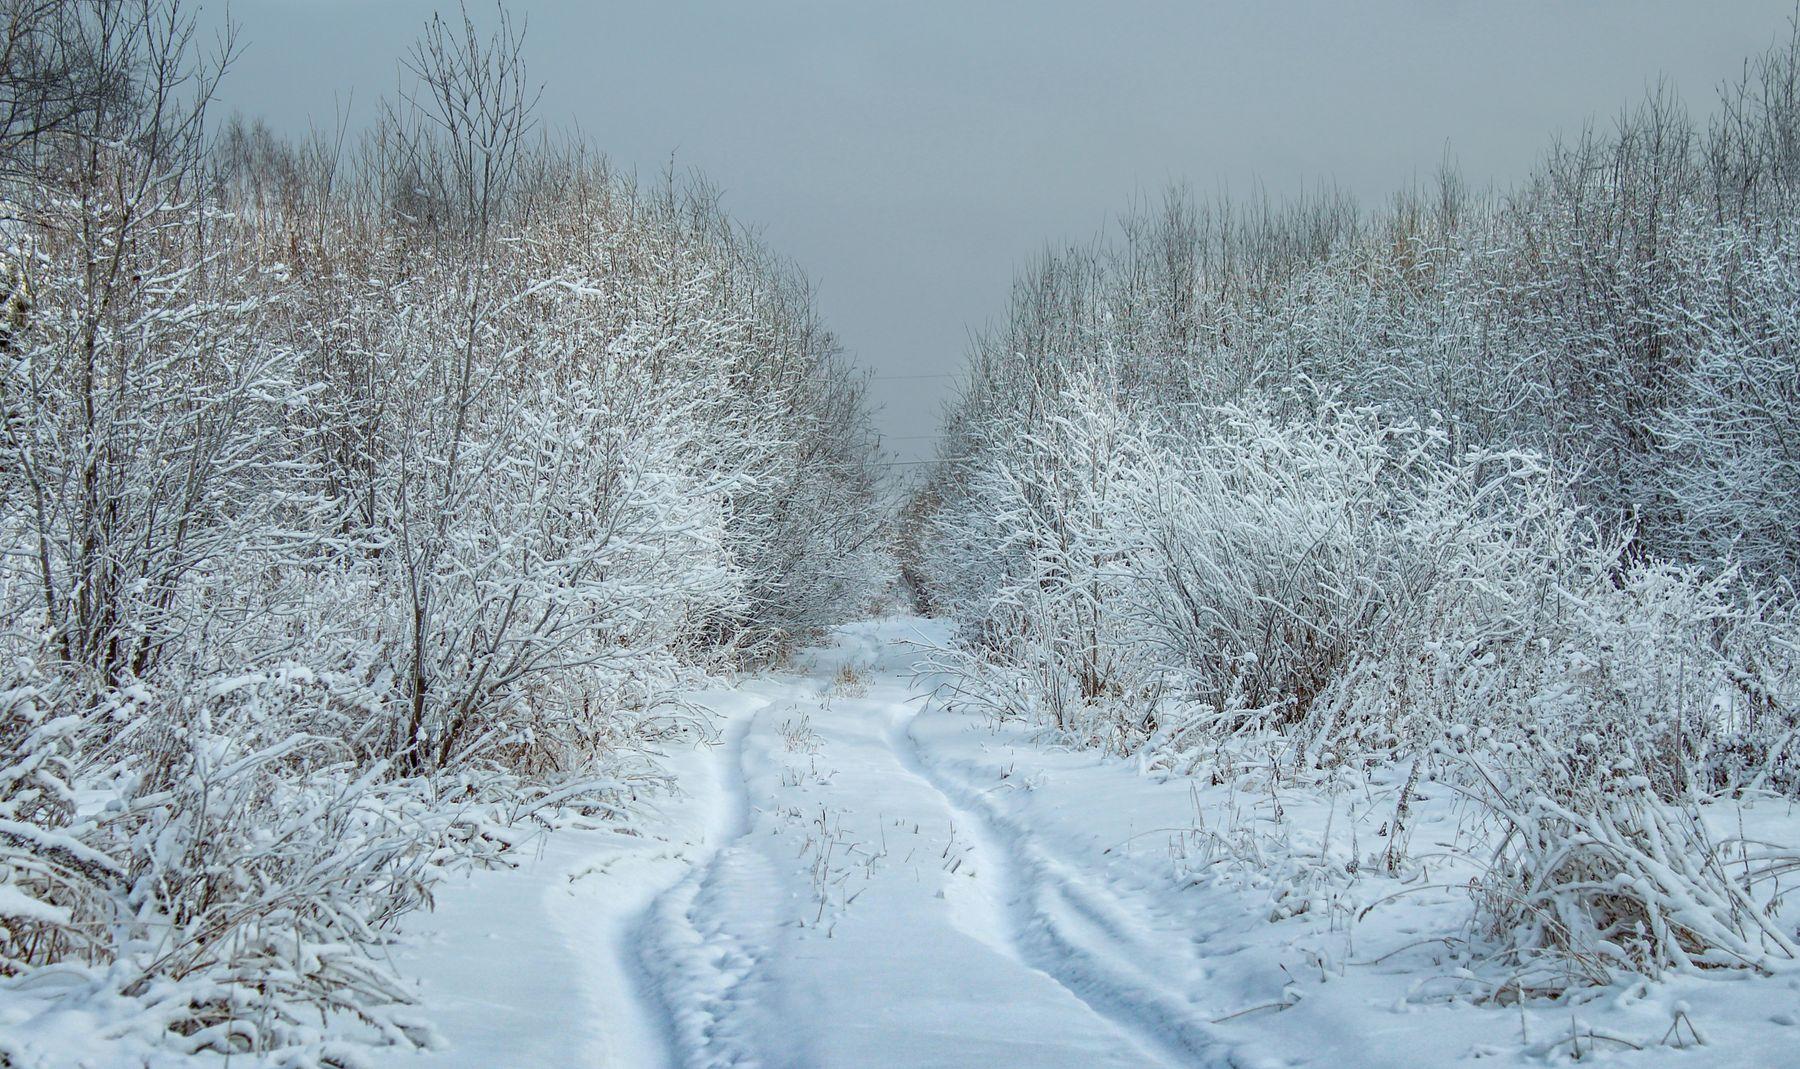 снежная фоточка россия урал природа пейзаж зима снег деревья лес дорога